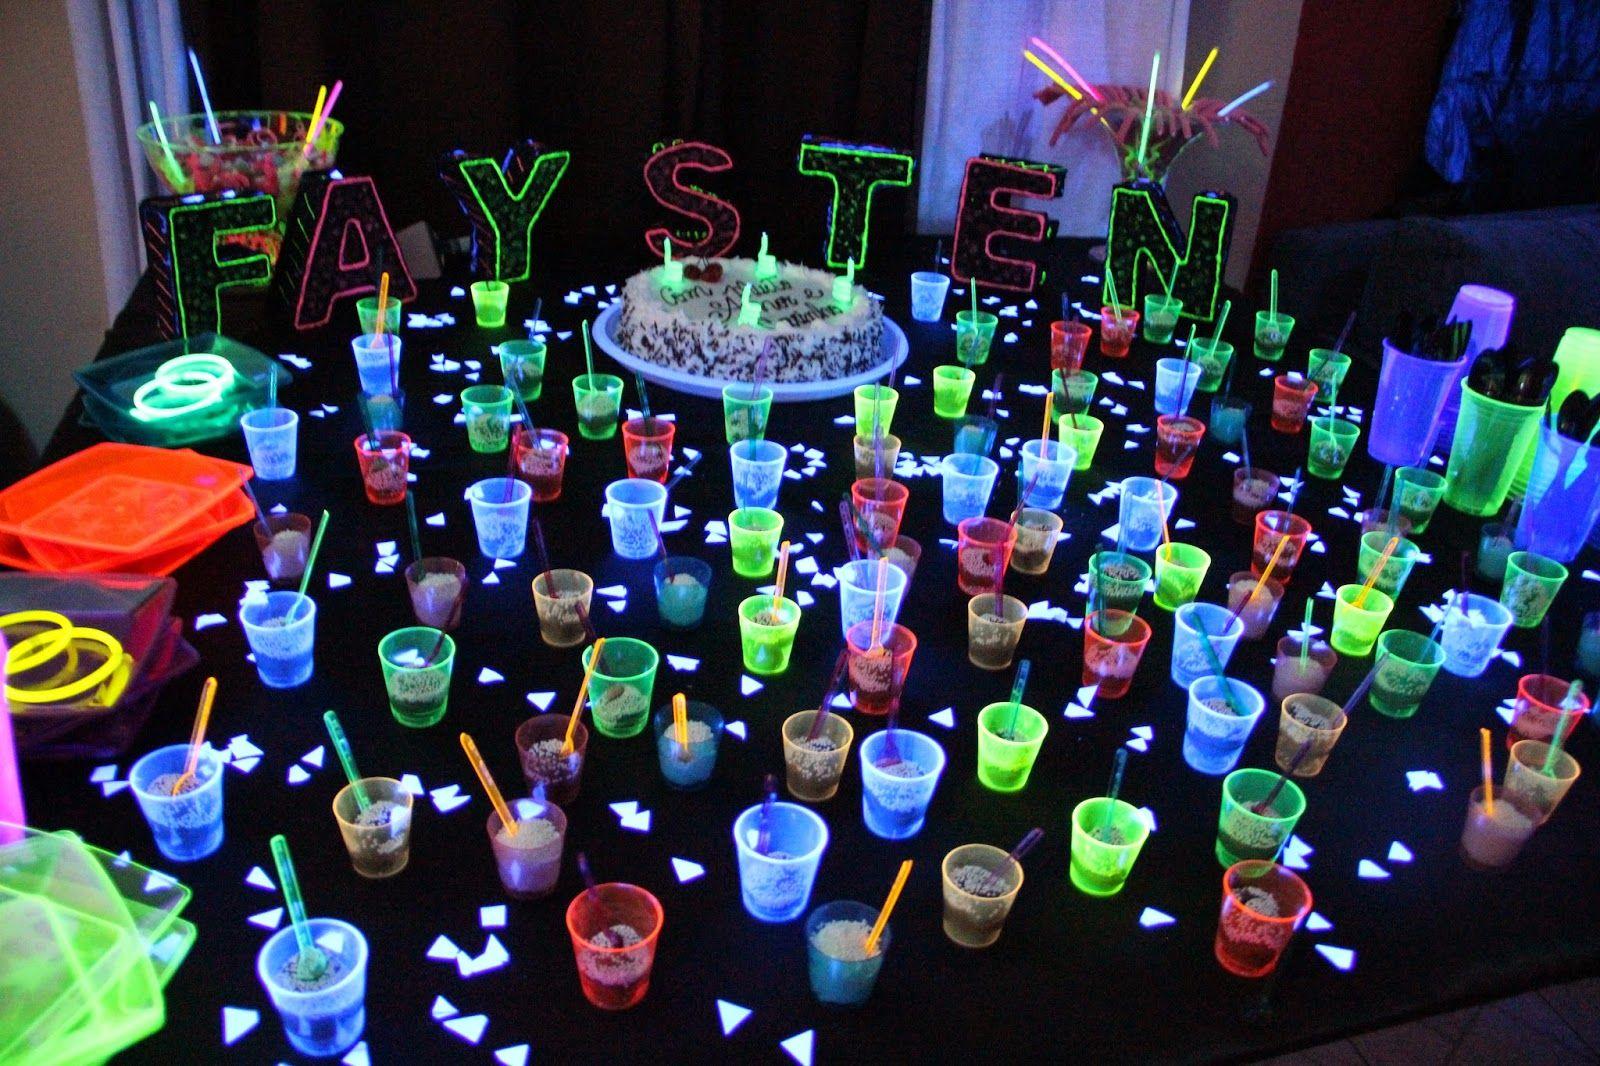 Festa Neon Decoracao Pesquisa Google Com Imagens